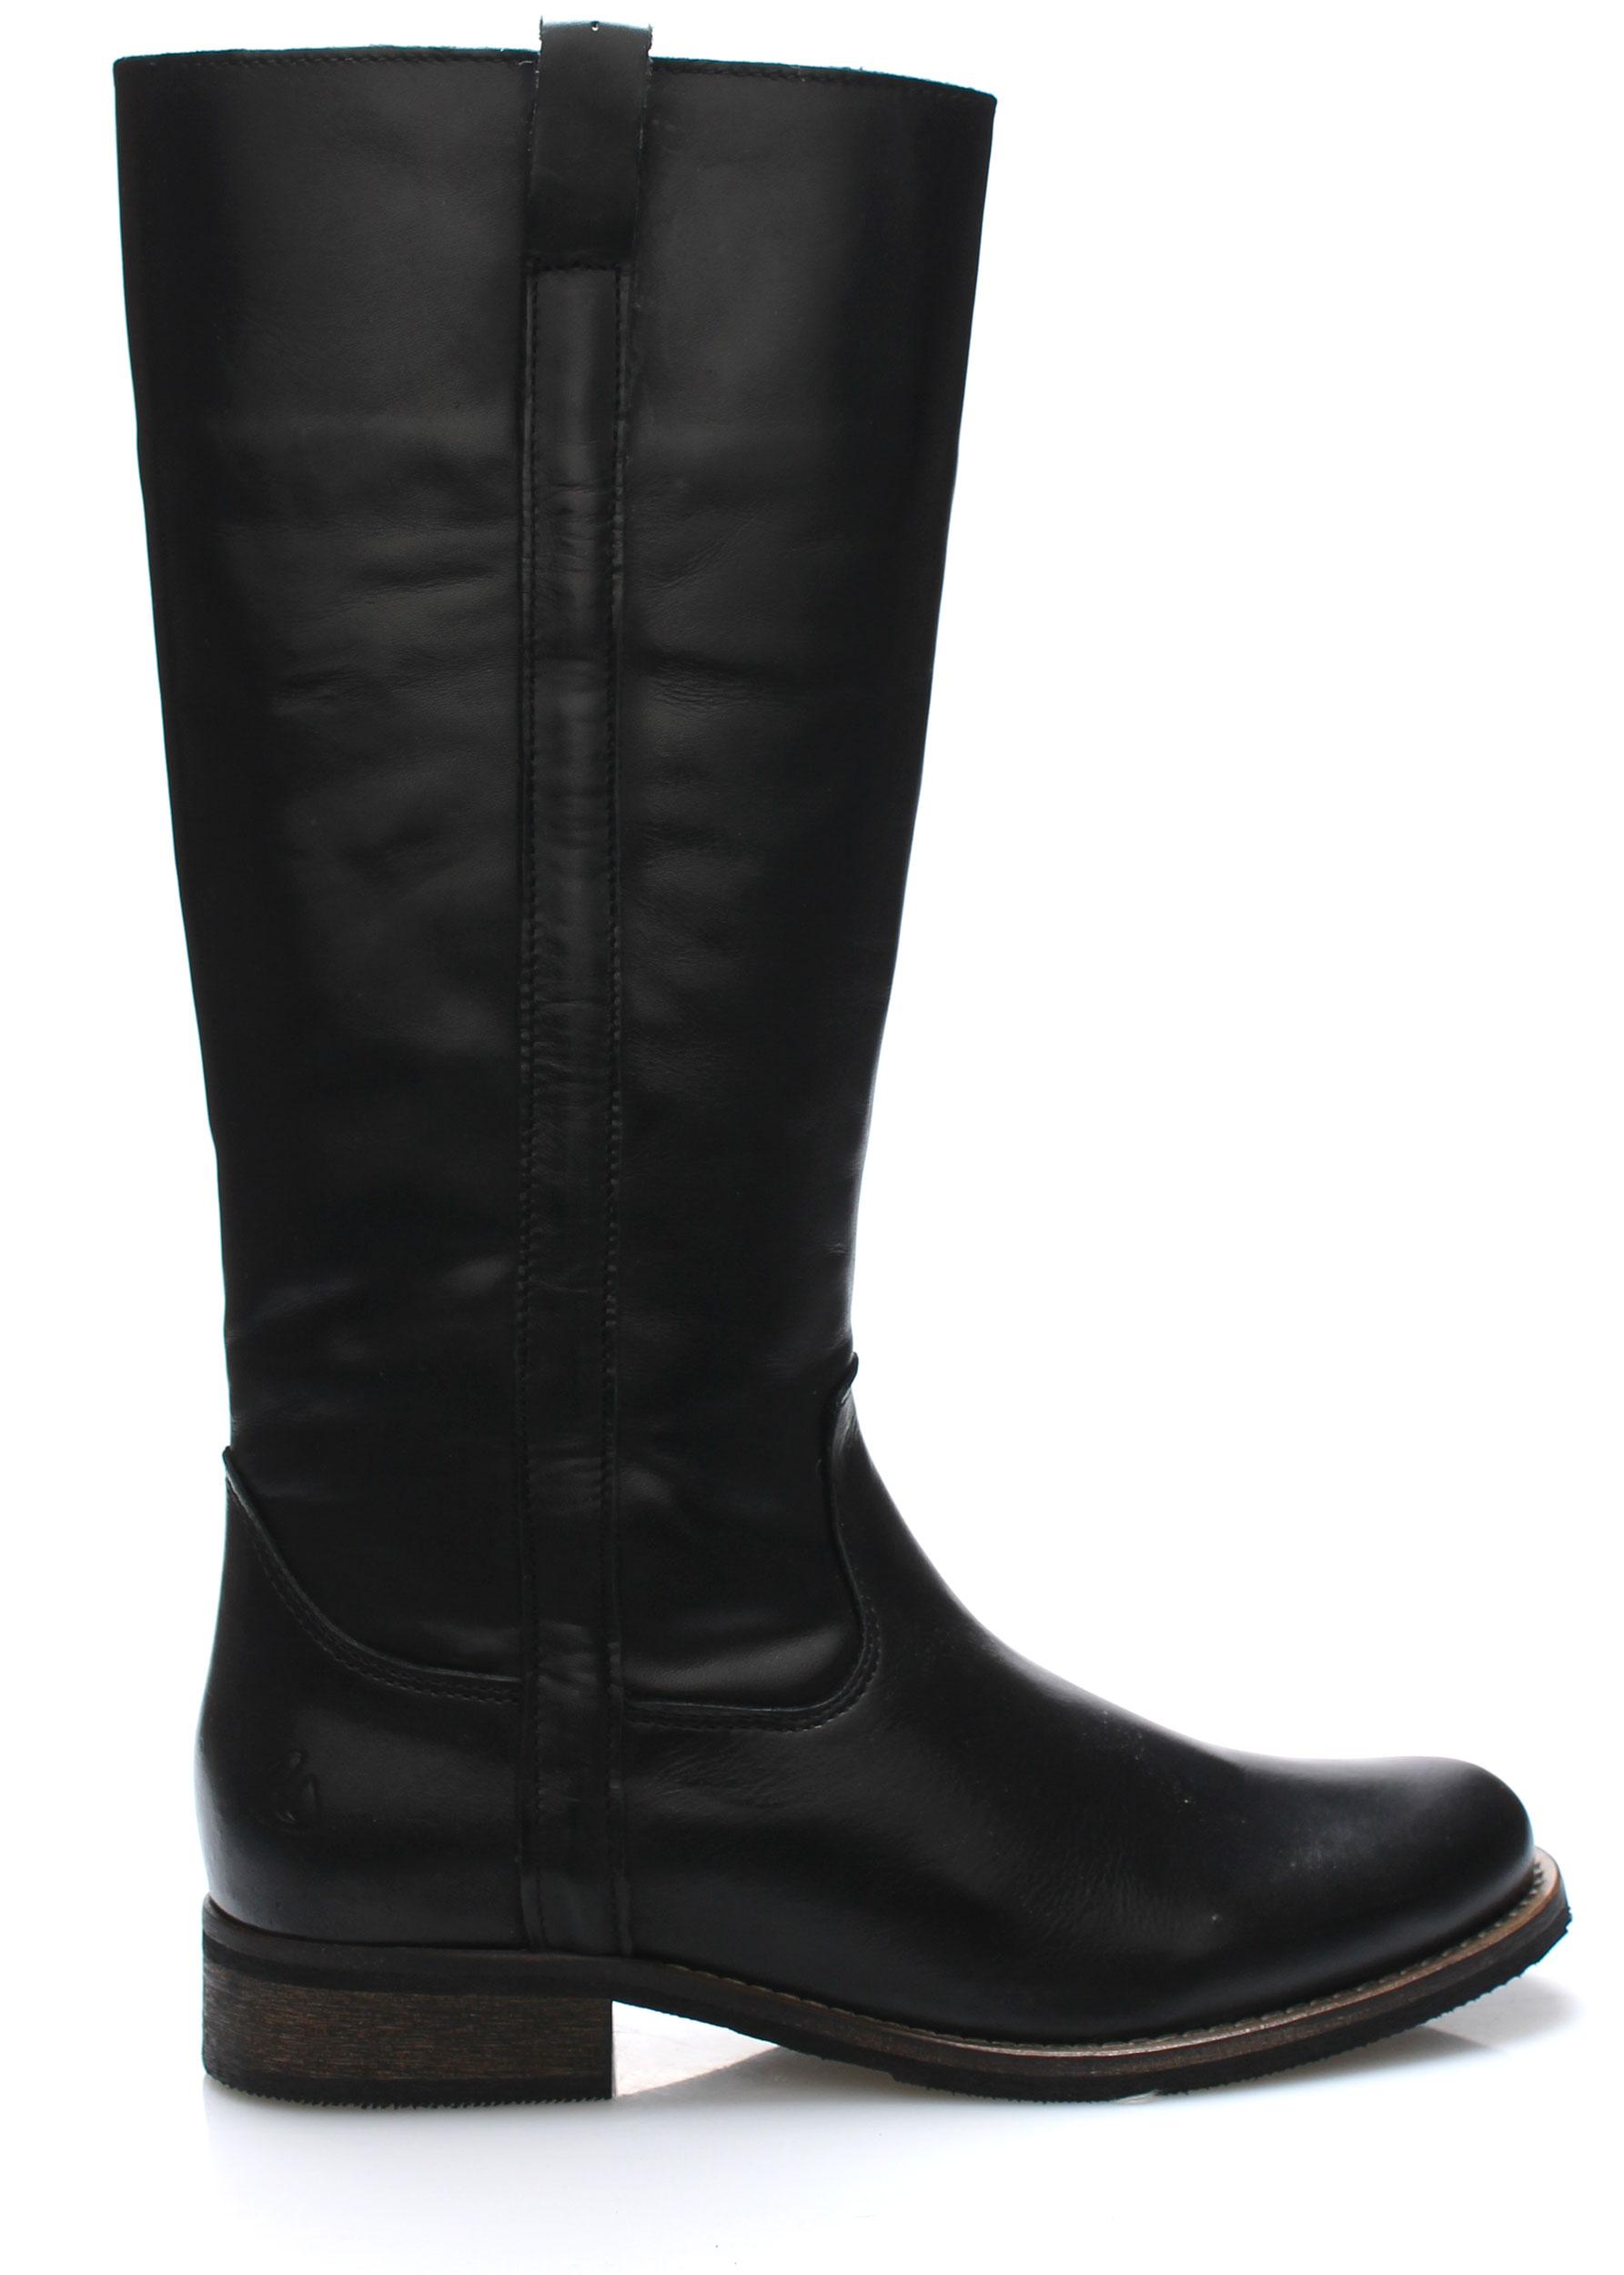 Černé kožené nižší kozačky Online Shoes Velikost: 39